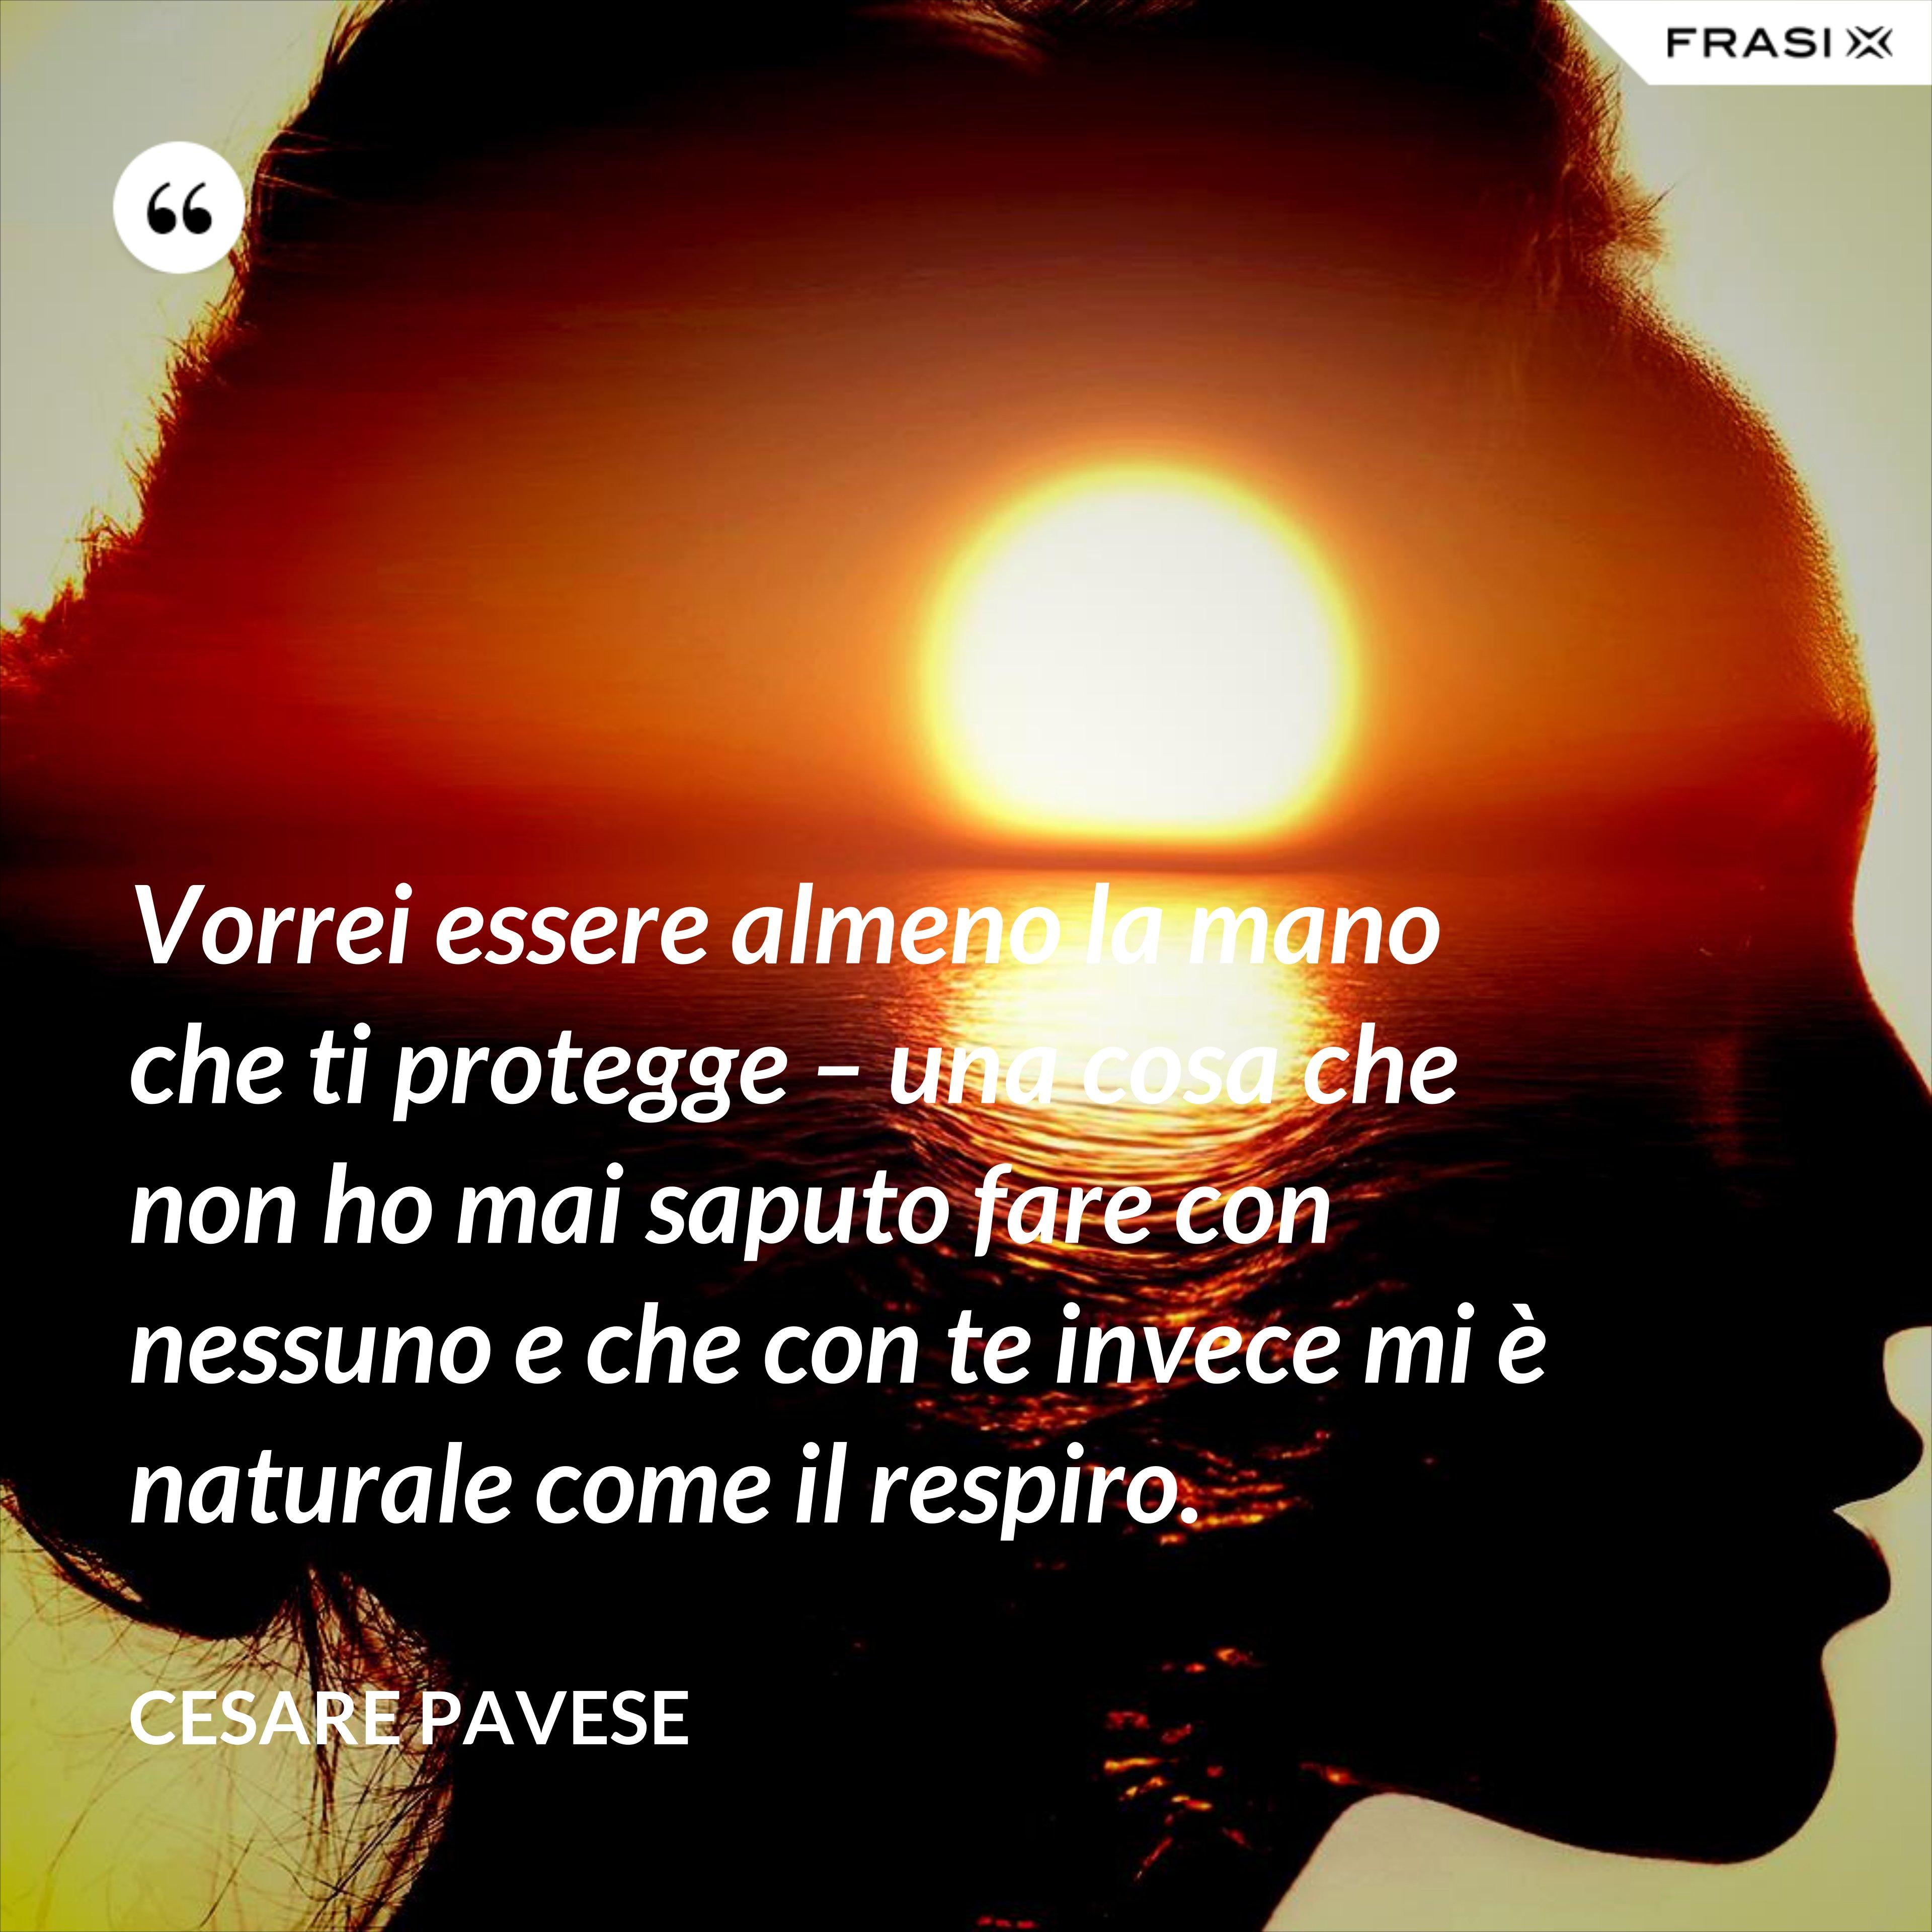 Vorrei essere almeno la mano che ti protegge – una cosa che non ho mai saputo fare con nessuno e che con te invece mi è naturale come il respiro. - Cesare Pavese